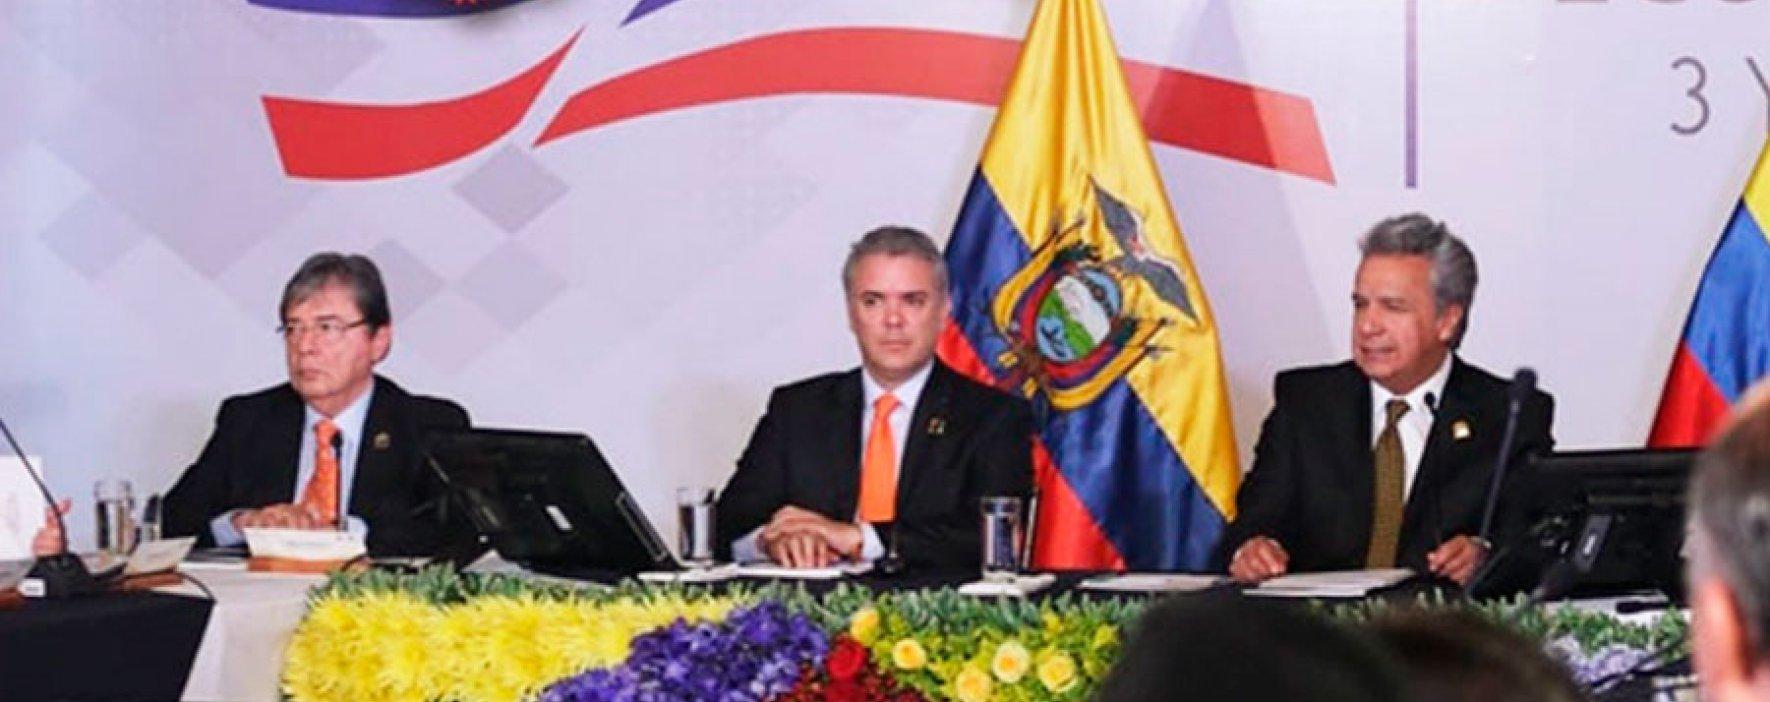 Colombia y Ecuador acuerdan cooperación para optimizar interconexión eléctrica binacional